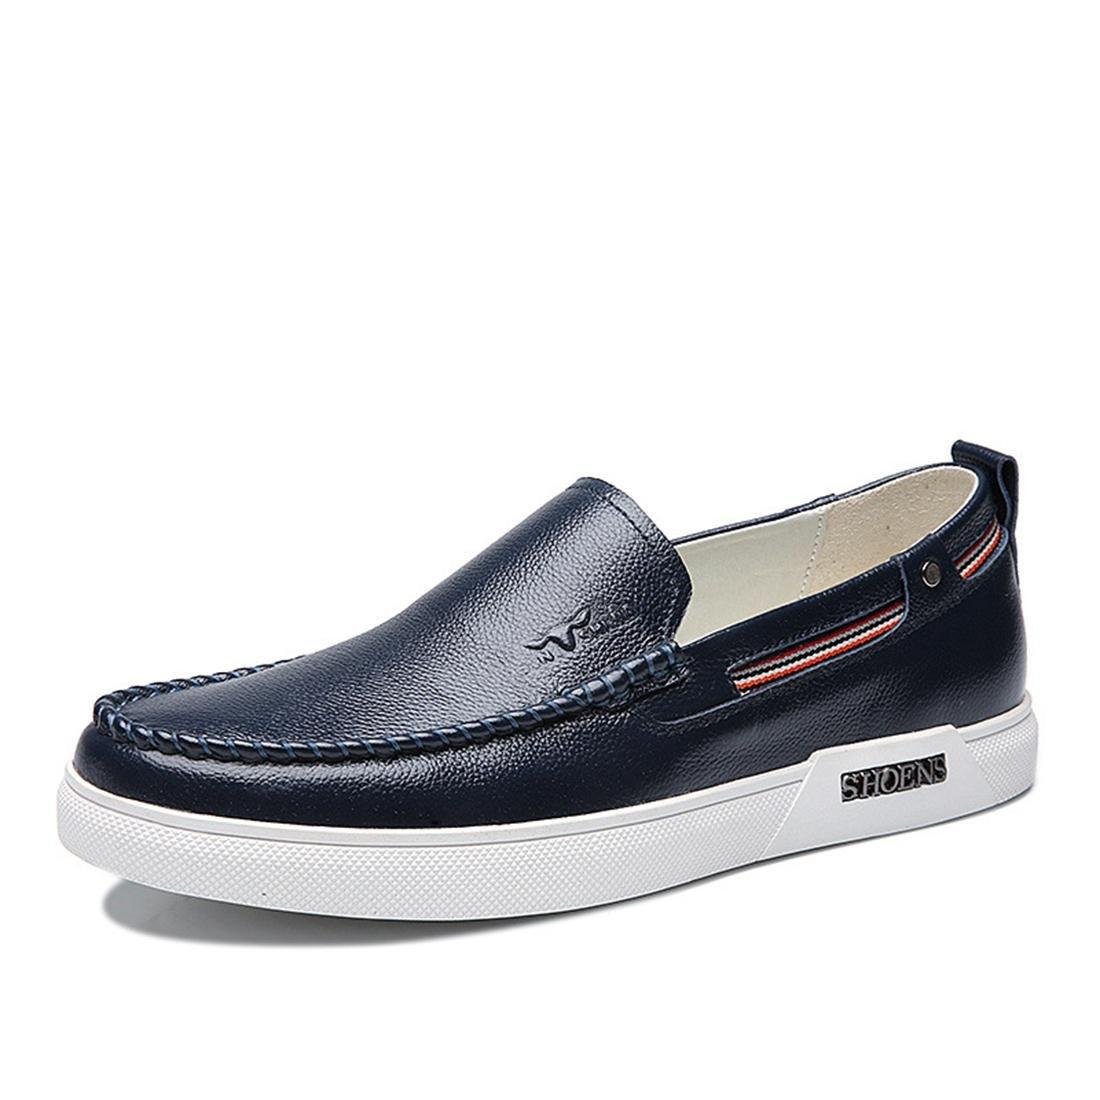 Herren Mode Atmungsaktiv Flache Schuhe Asakuchi Lässige Schuhe Das neue Freizeitschuhe Gemütlich Erhöht EUR GRÖSSE 38-44